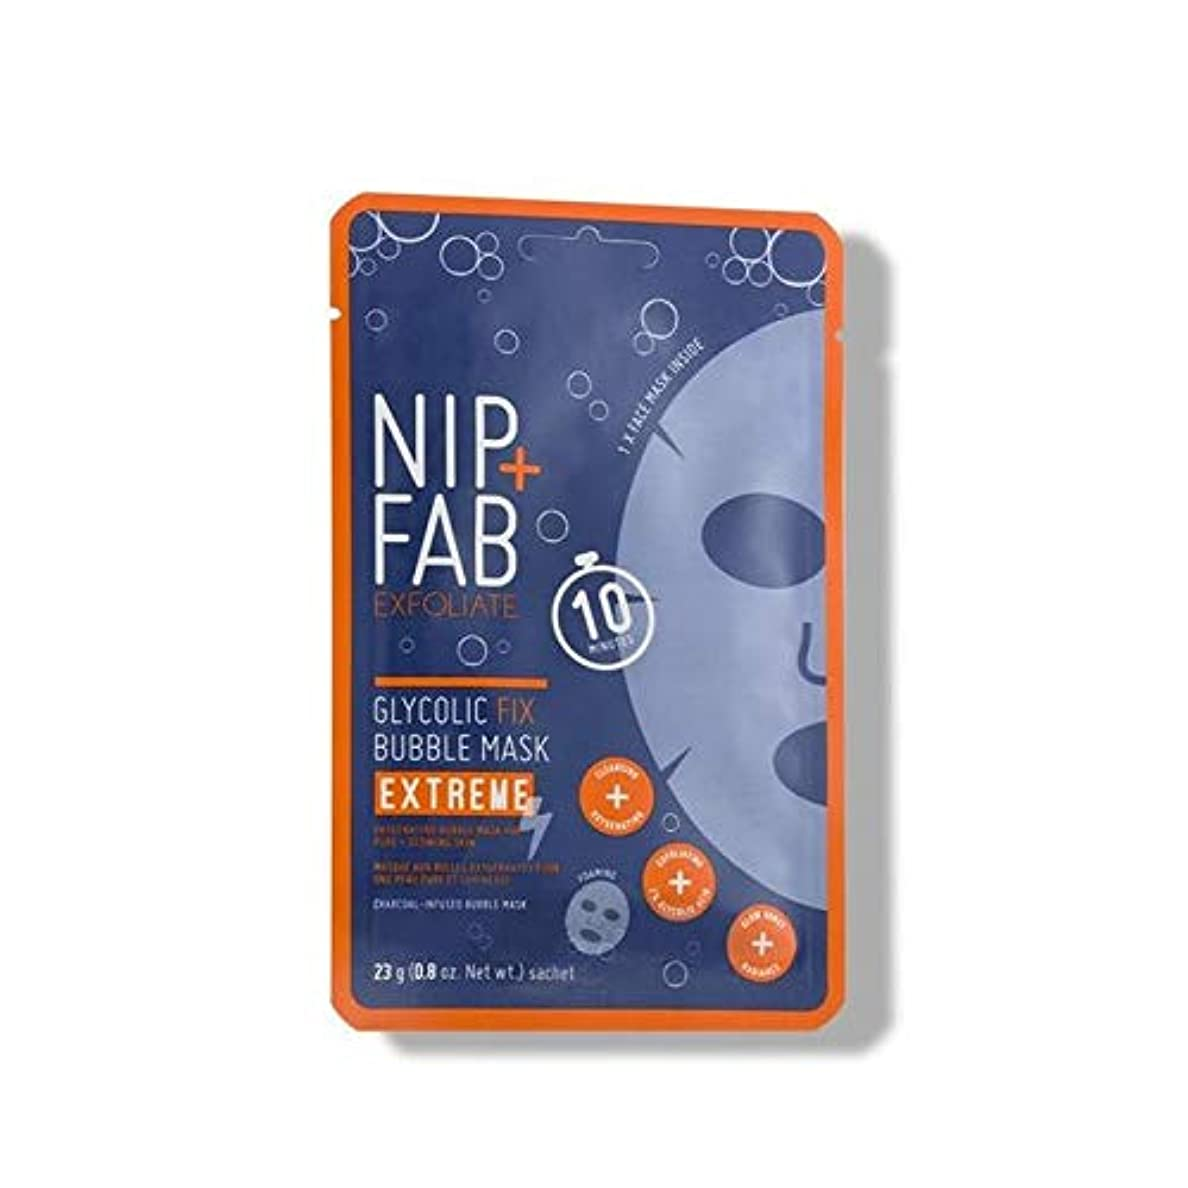 地上の暗黙俳優[Nip & Fab] + Fabグリコール修正極端なバブルフェイスマスクニップ - Nip+Fab Glycolic Fix Extreme Bubble Face Mask [並行輸入品]